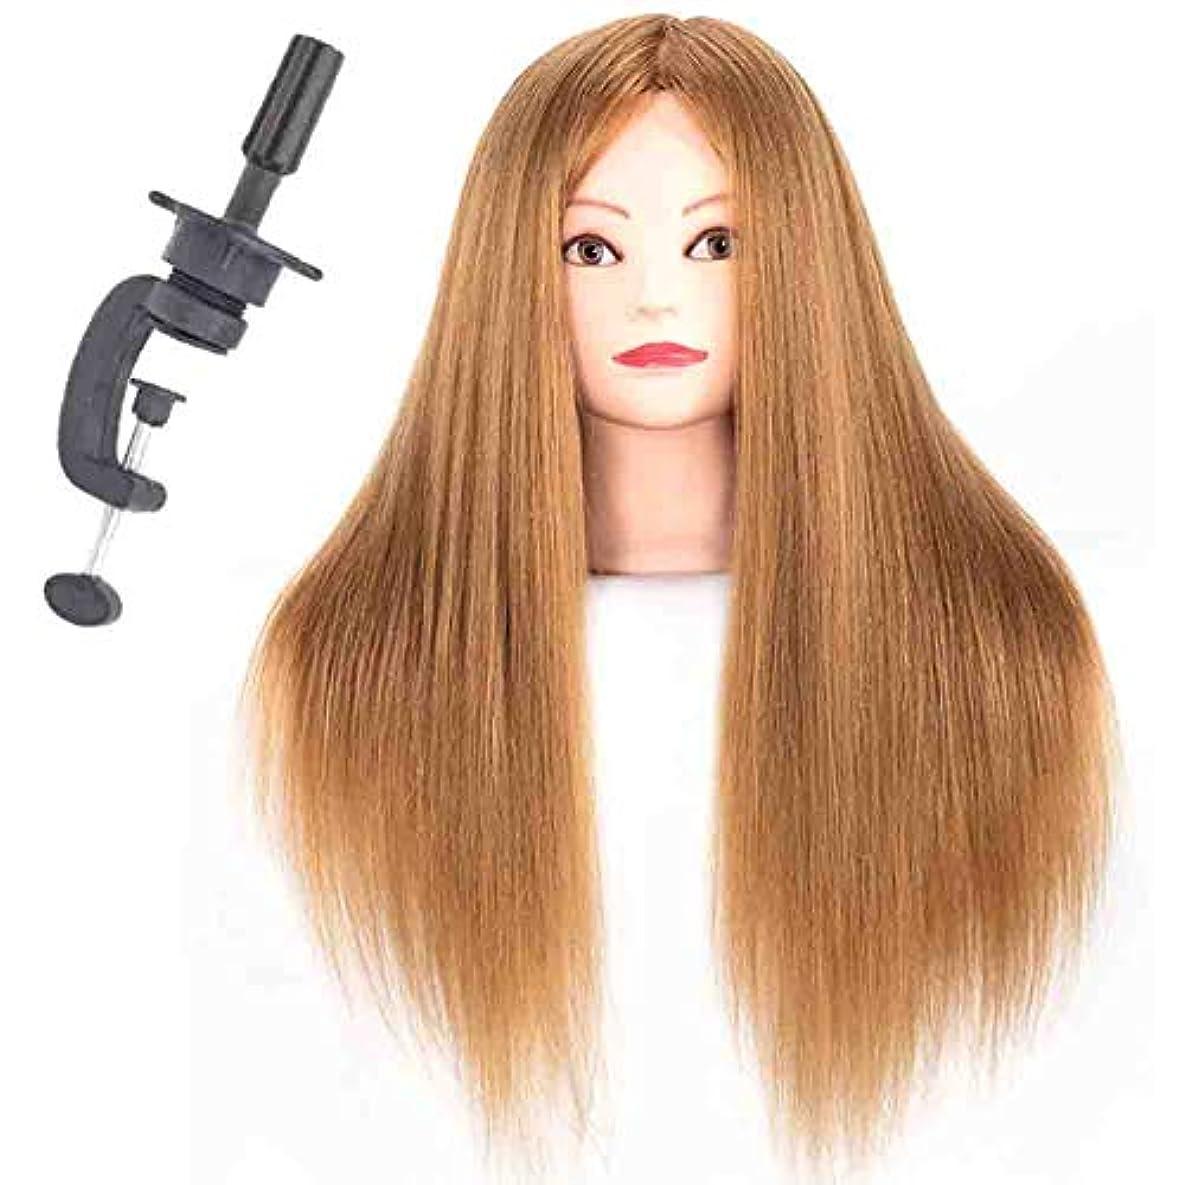 出版急速な差別85%ミックスリアルヘアトレーニングヘッド花嫁ヘア三つ編みヘアサロンヘアカットカーリングロッド形状モデルダミーヘッド